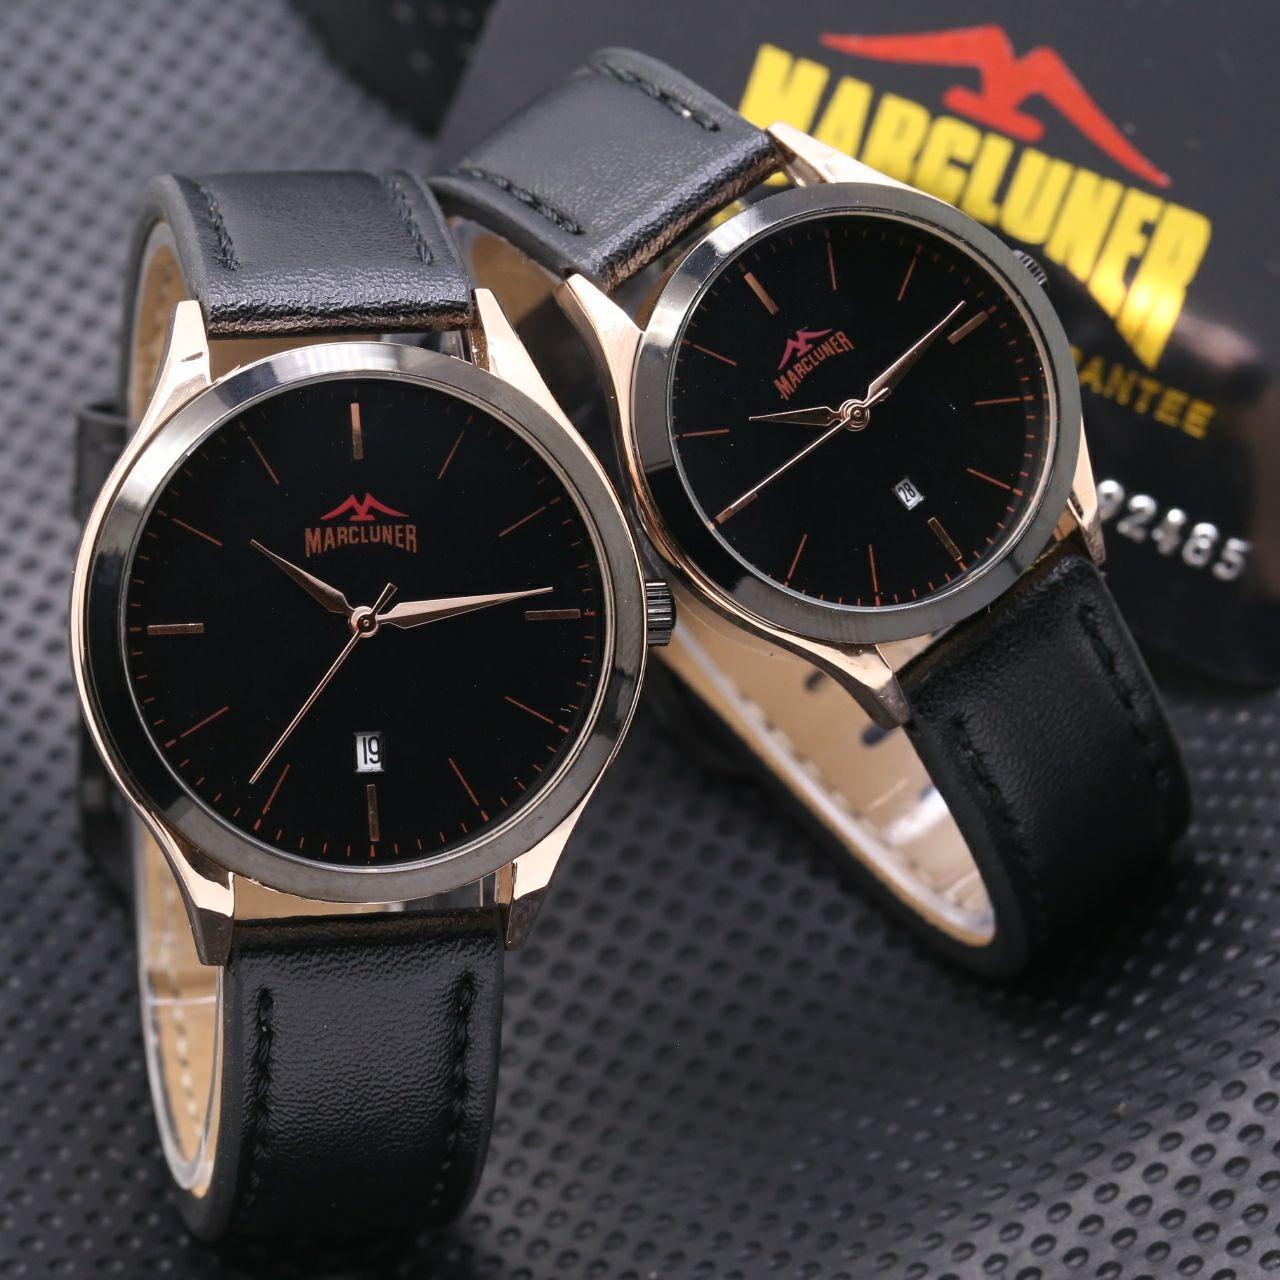 Jam Tangan Couple Casual Pria Wanita Marcluner Original Garansi 1 Tahun Include Luxury Box